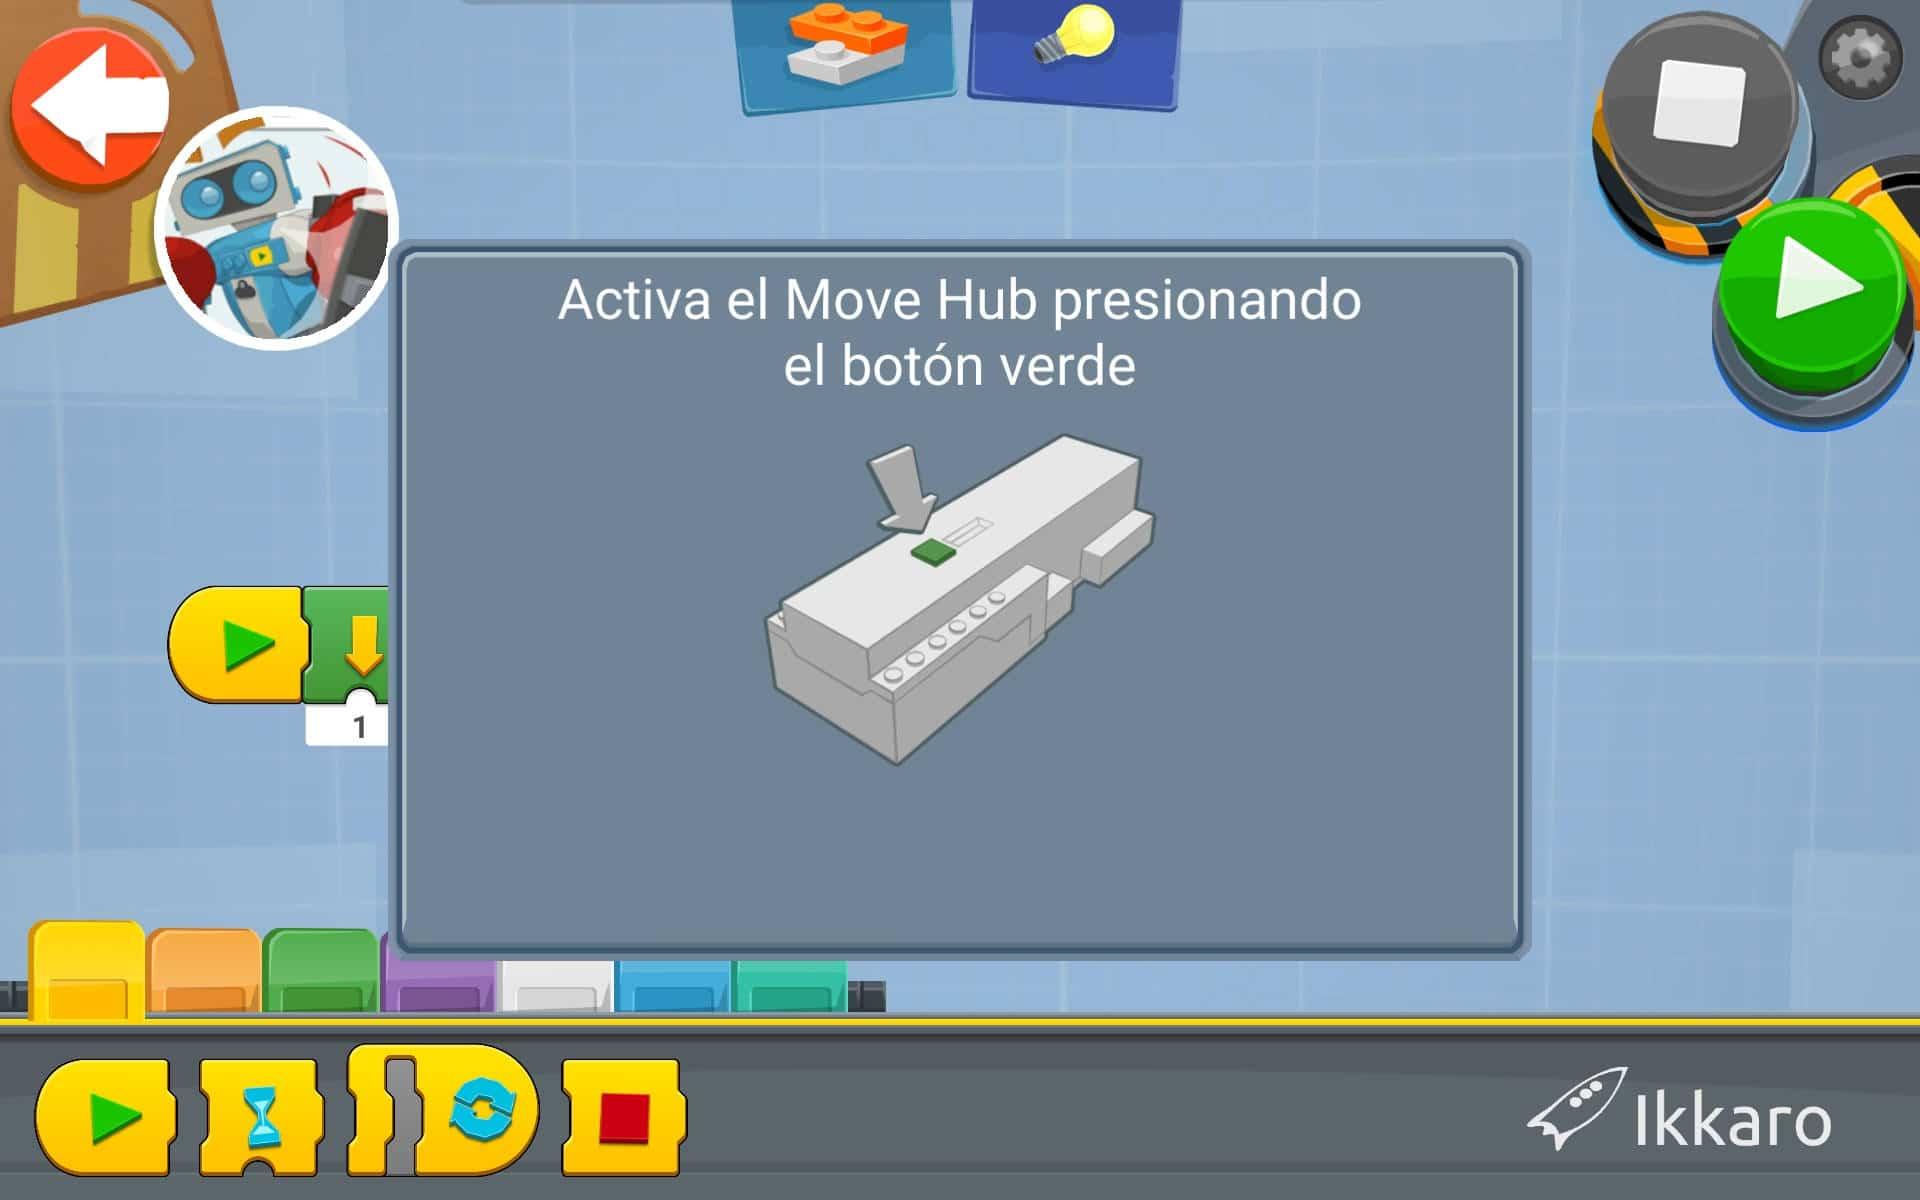 botón verde del move hub para conectar el bluetooth